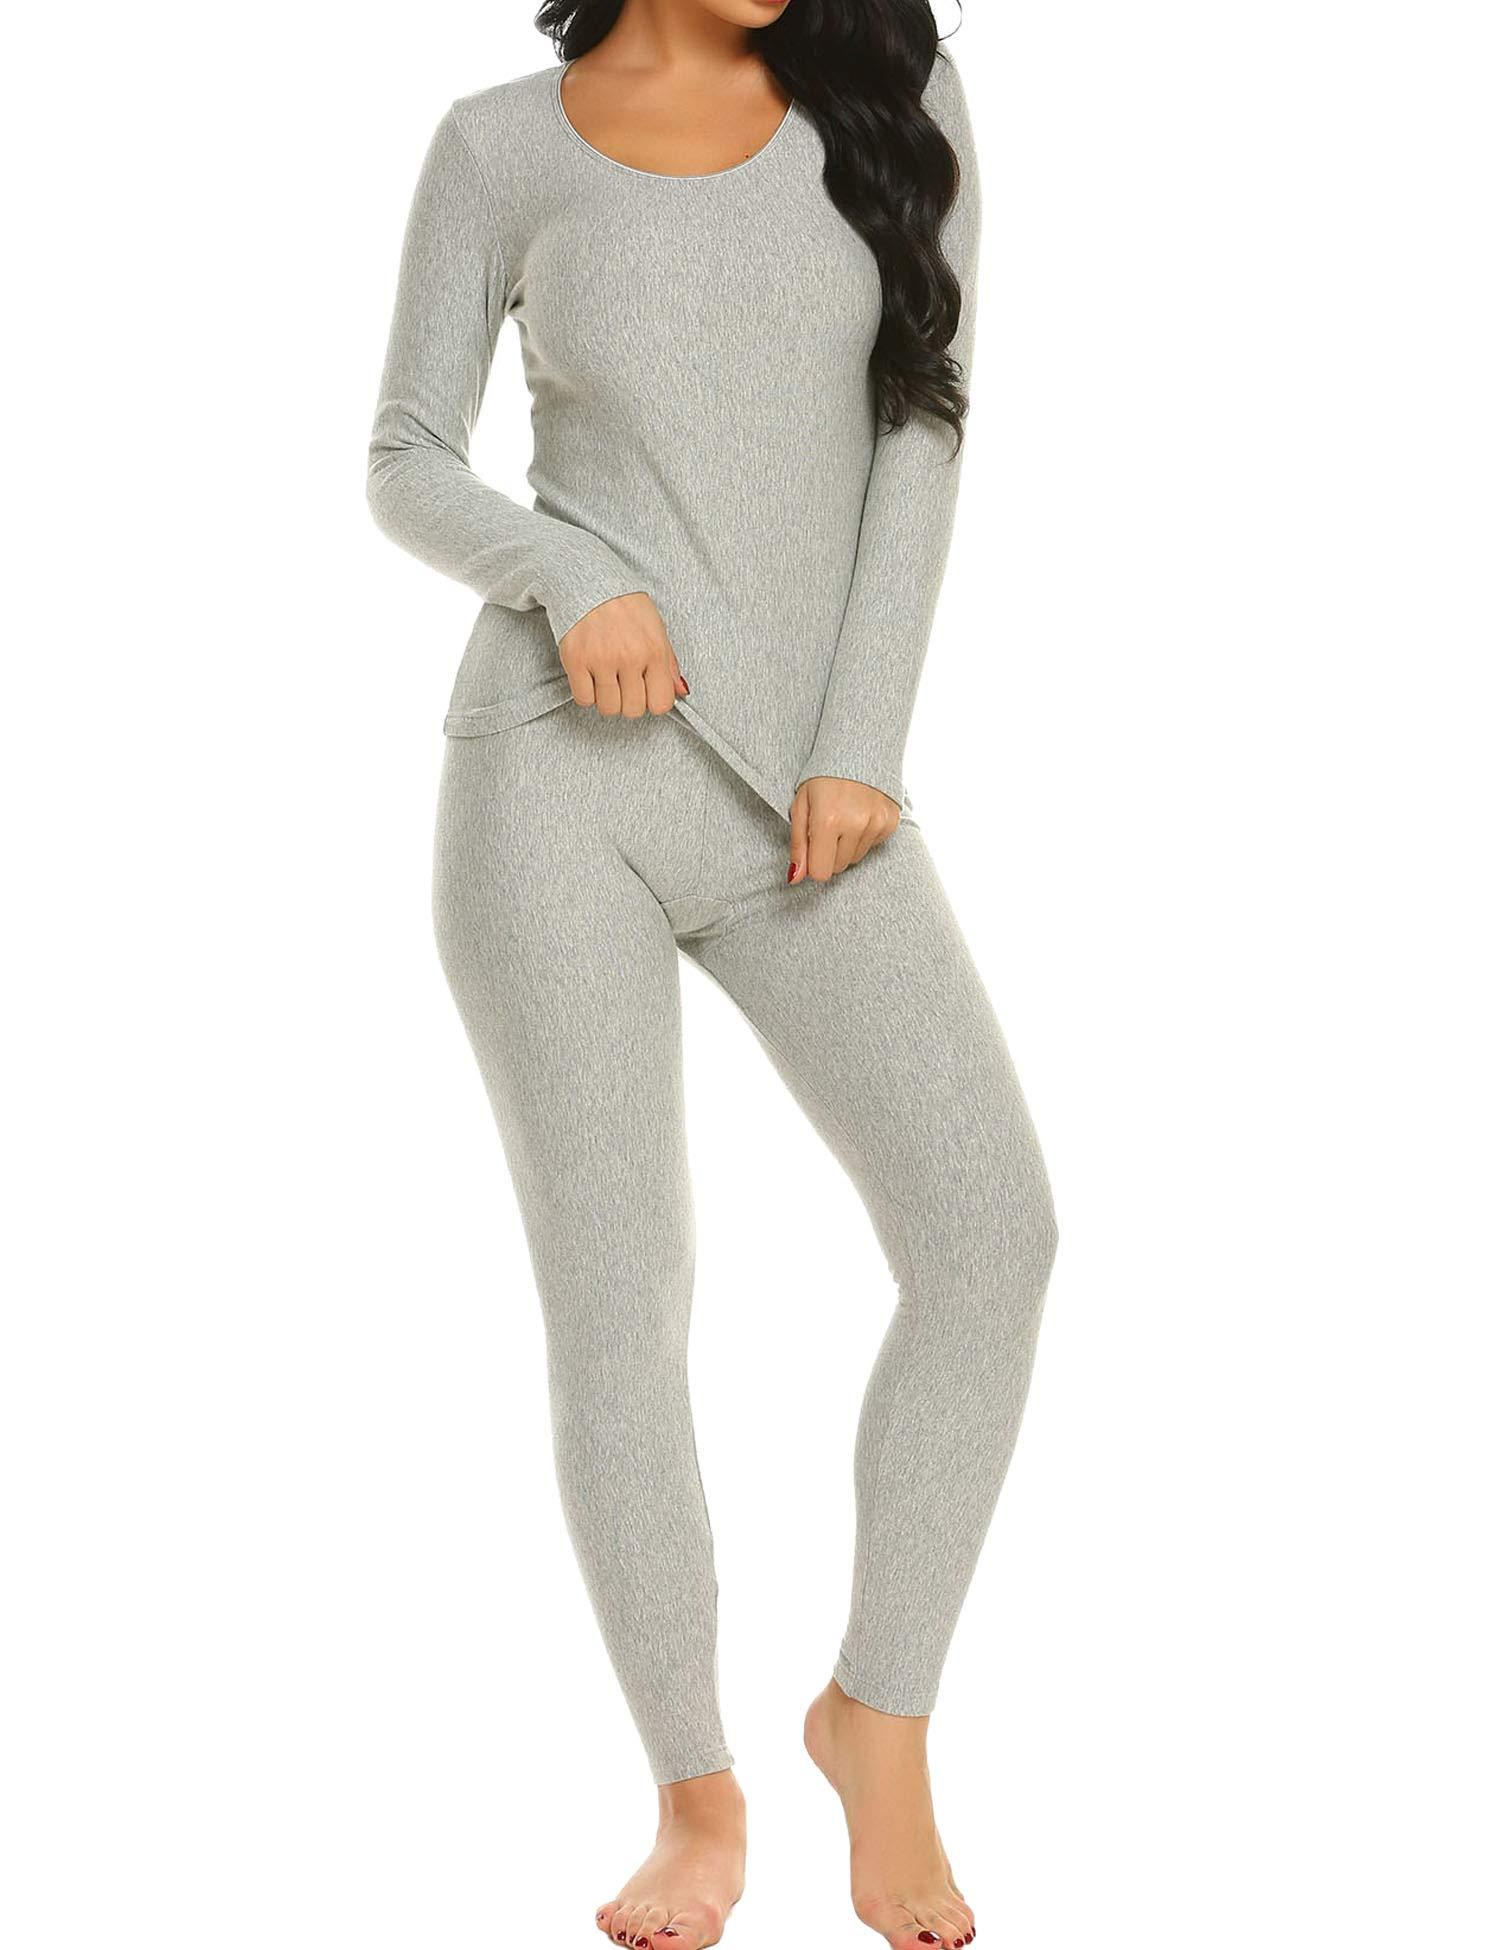 Ekouaer Long Thermal Underwear Fleece Lined Winter Base Layering Set for Women,Fleece-gray,Medium by Ekouaer